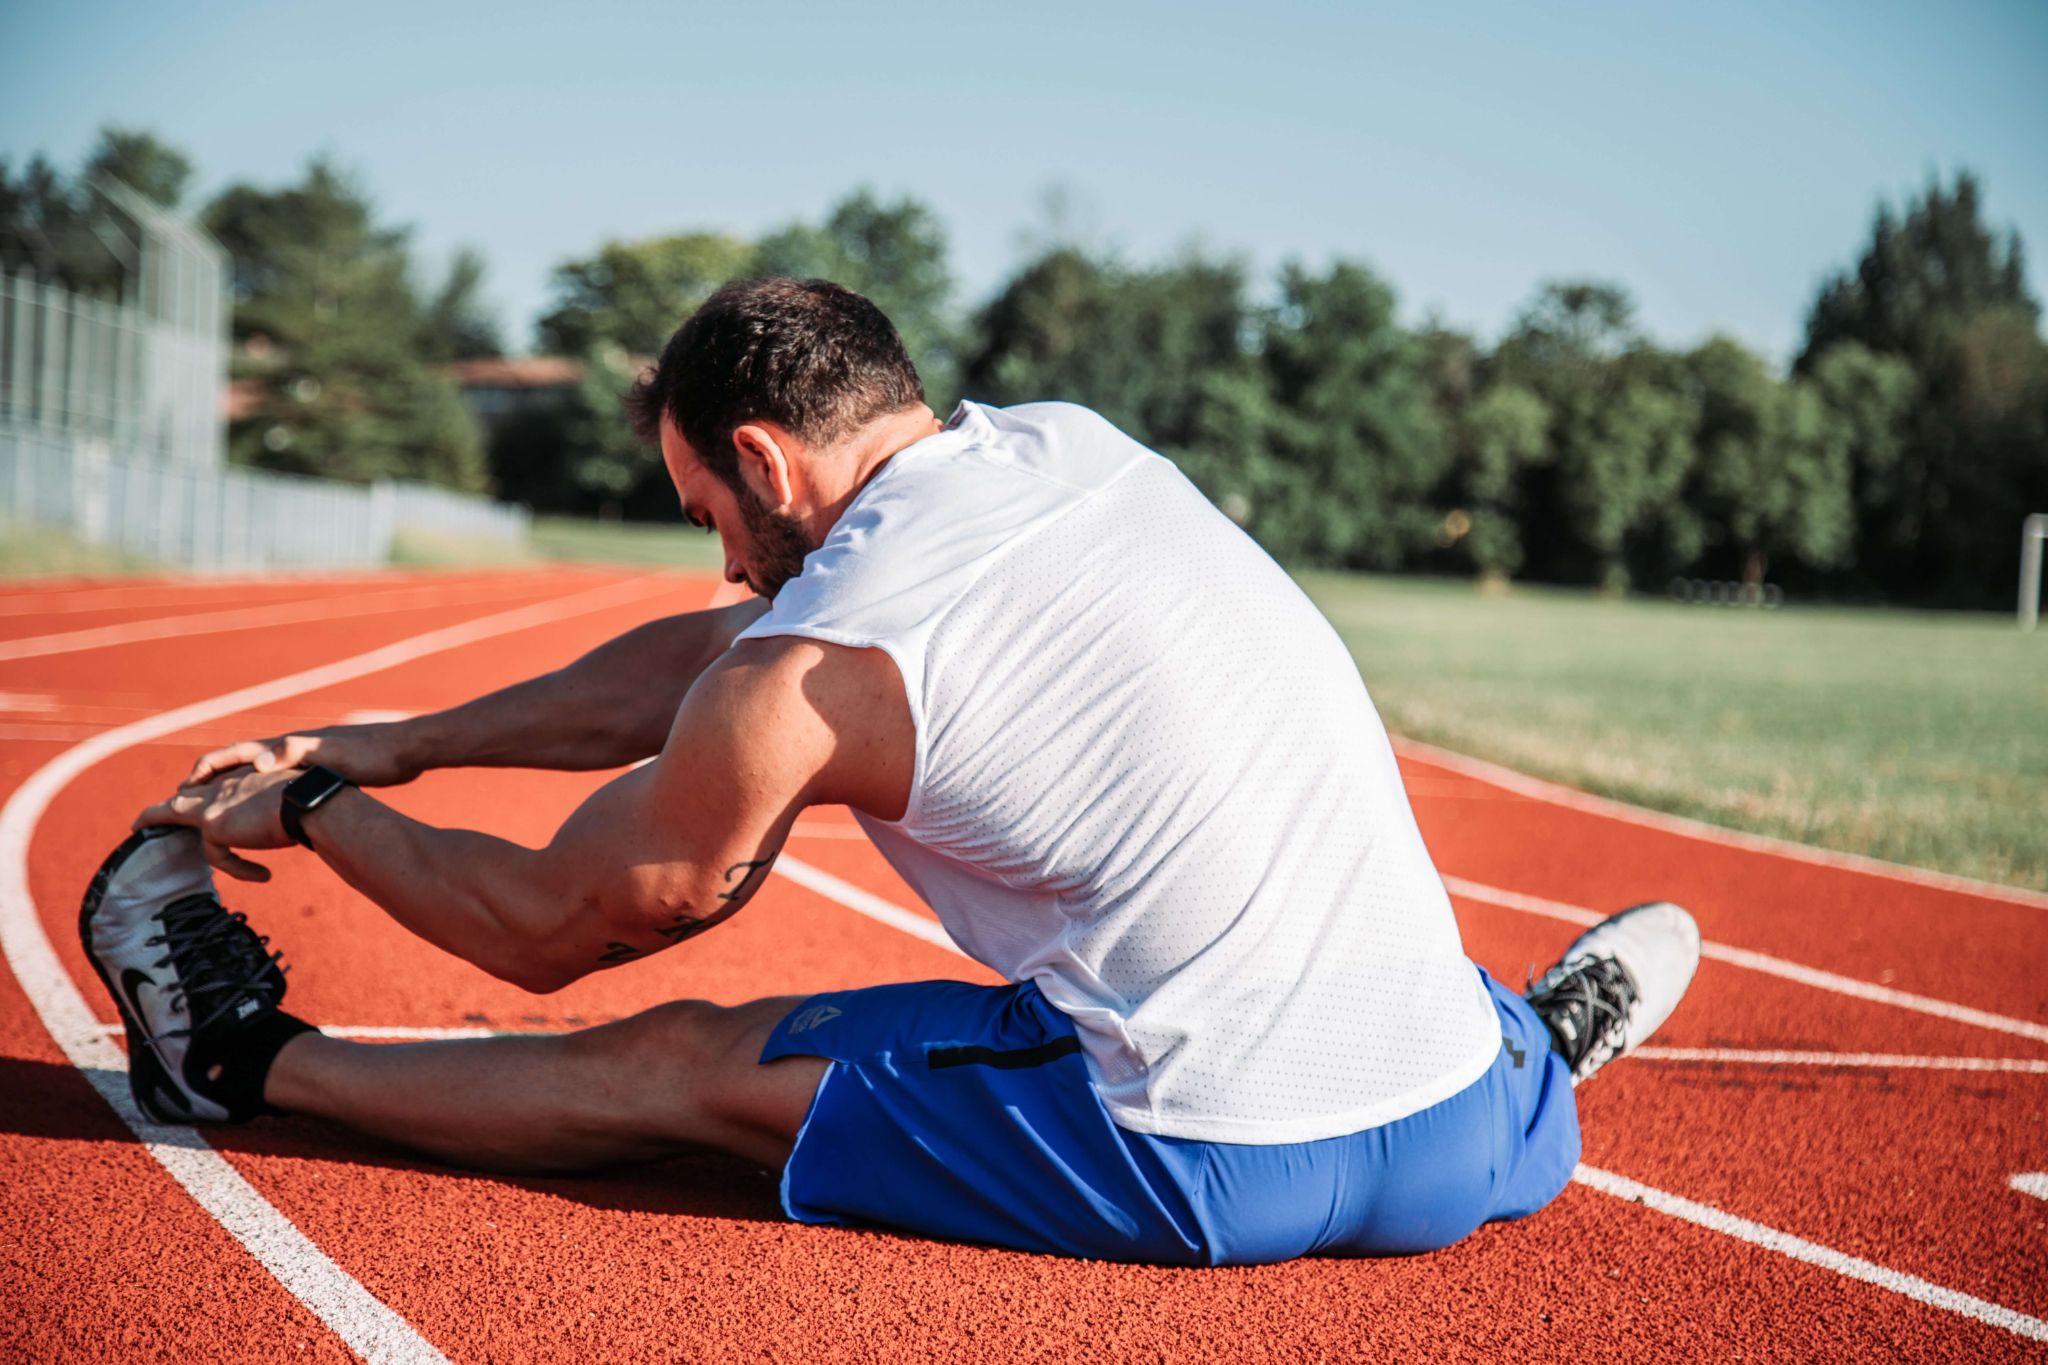 Как фитнес-клубу попасть в перечень физкультурно-спортивных организаций